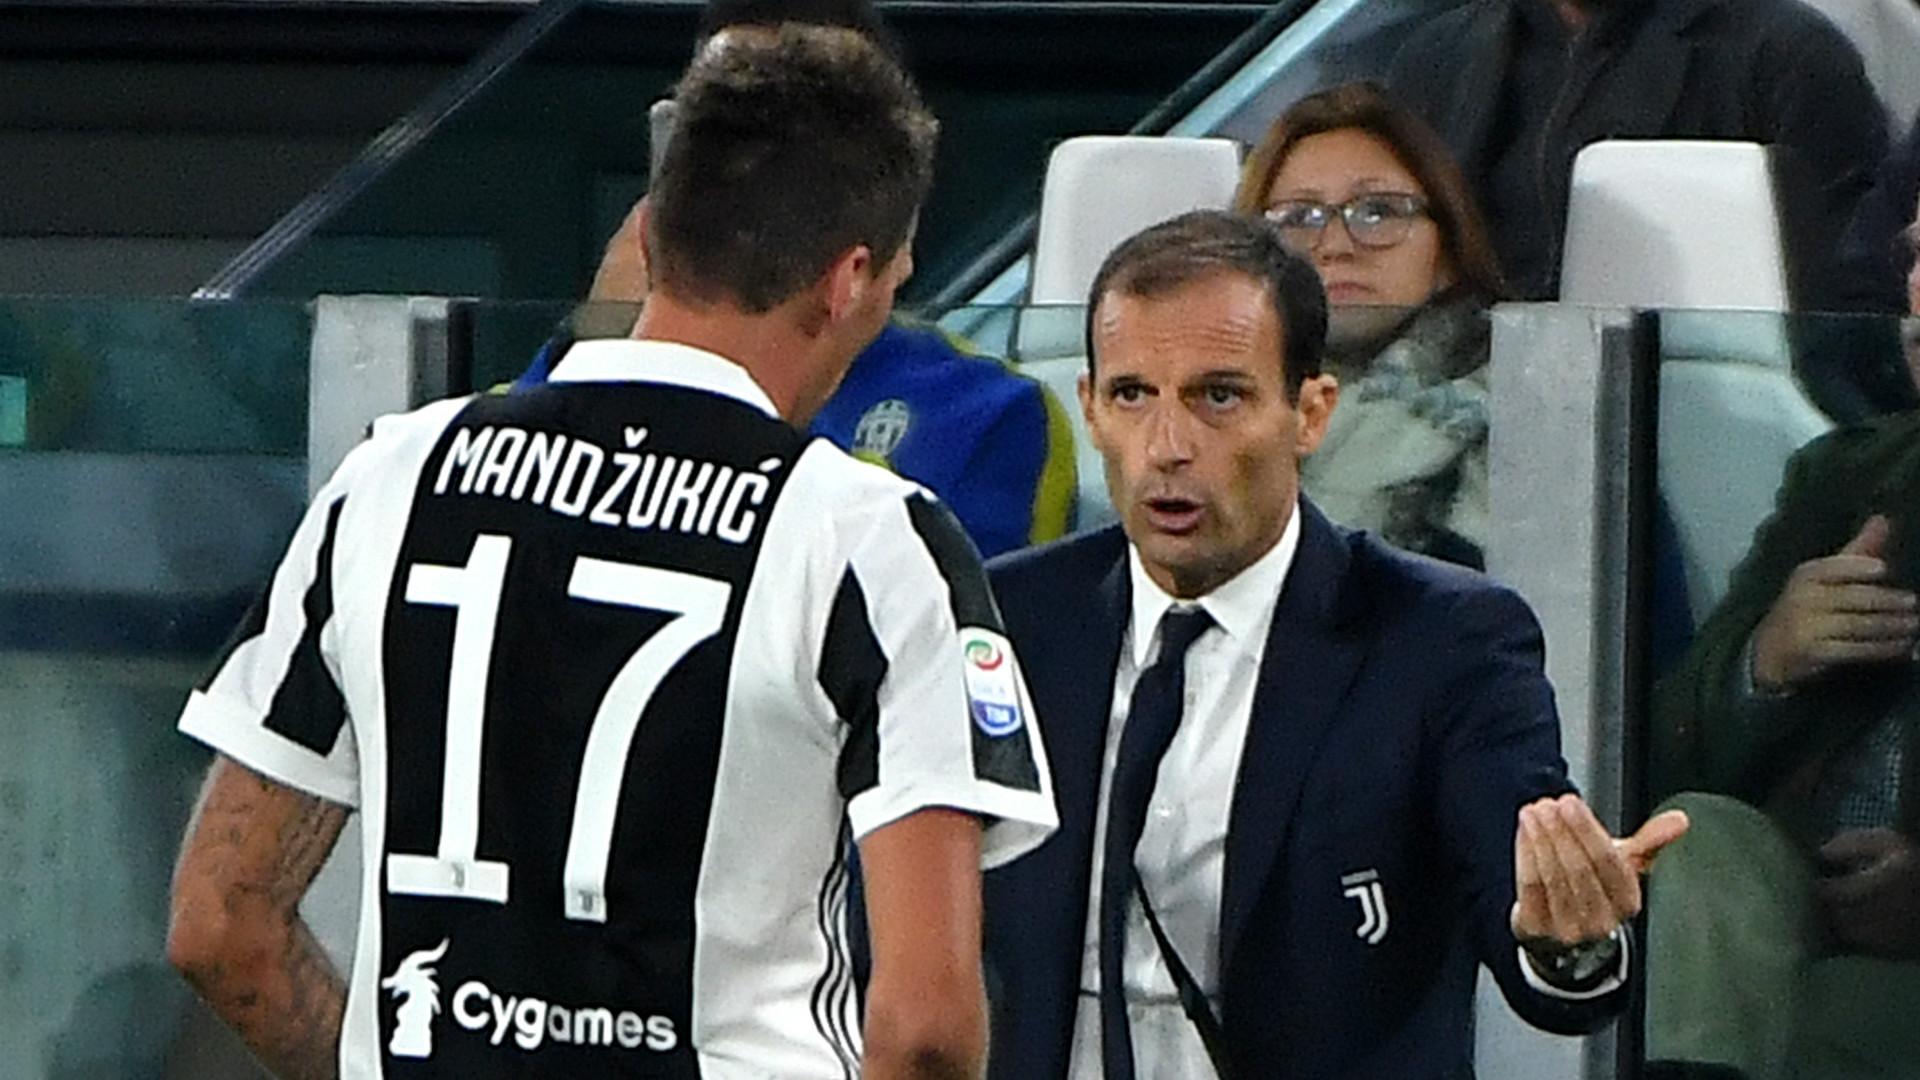 Massimiliano Allegri Mario Mandzukic Juventus